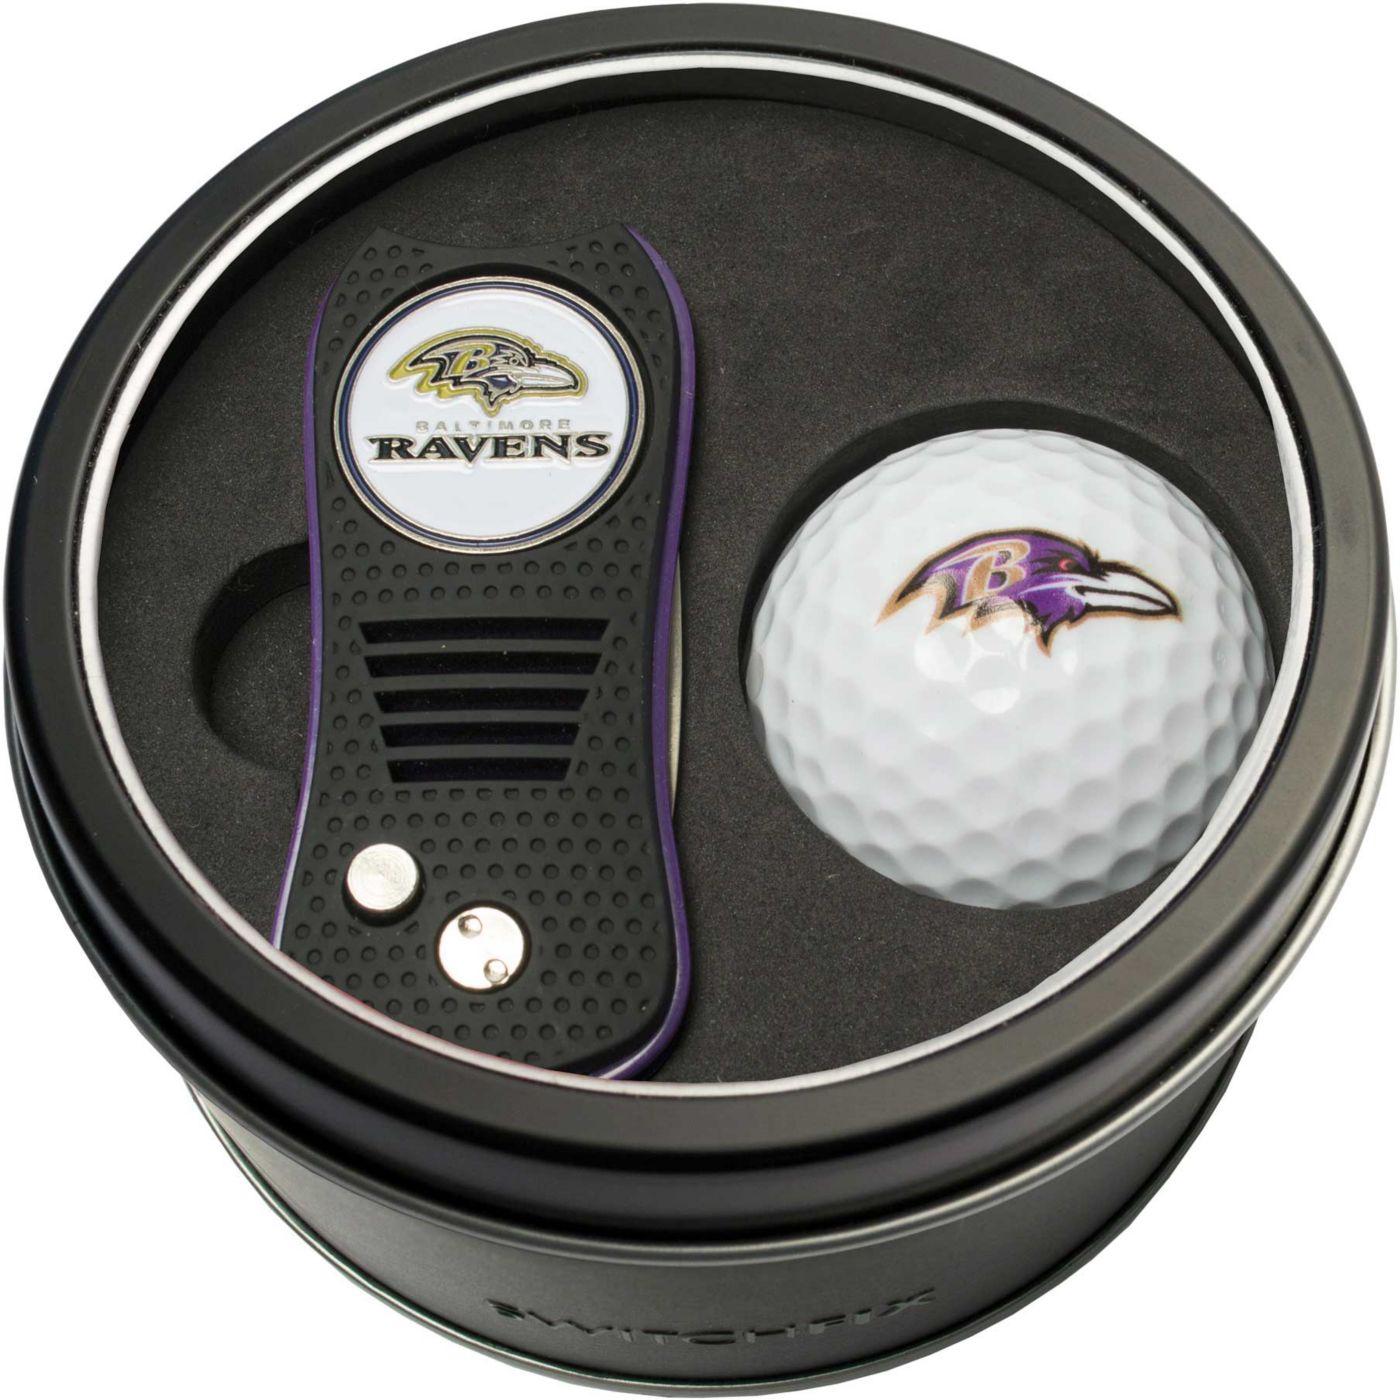 Team Golf Baltimore Ravens Switchfix Divot Tool and Golf Ball Set